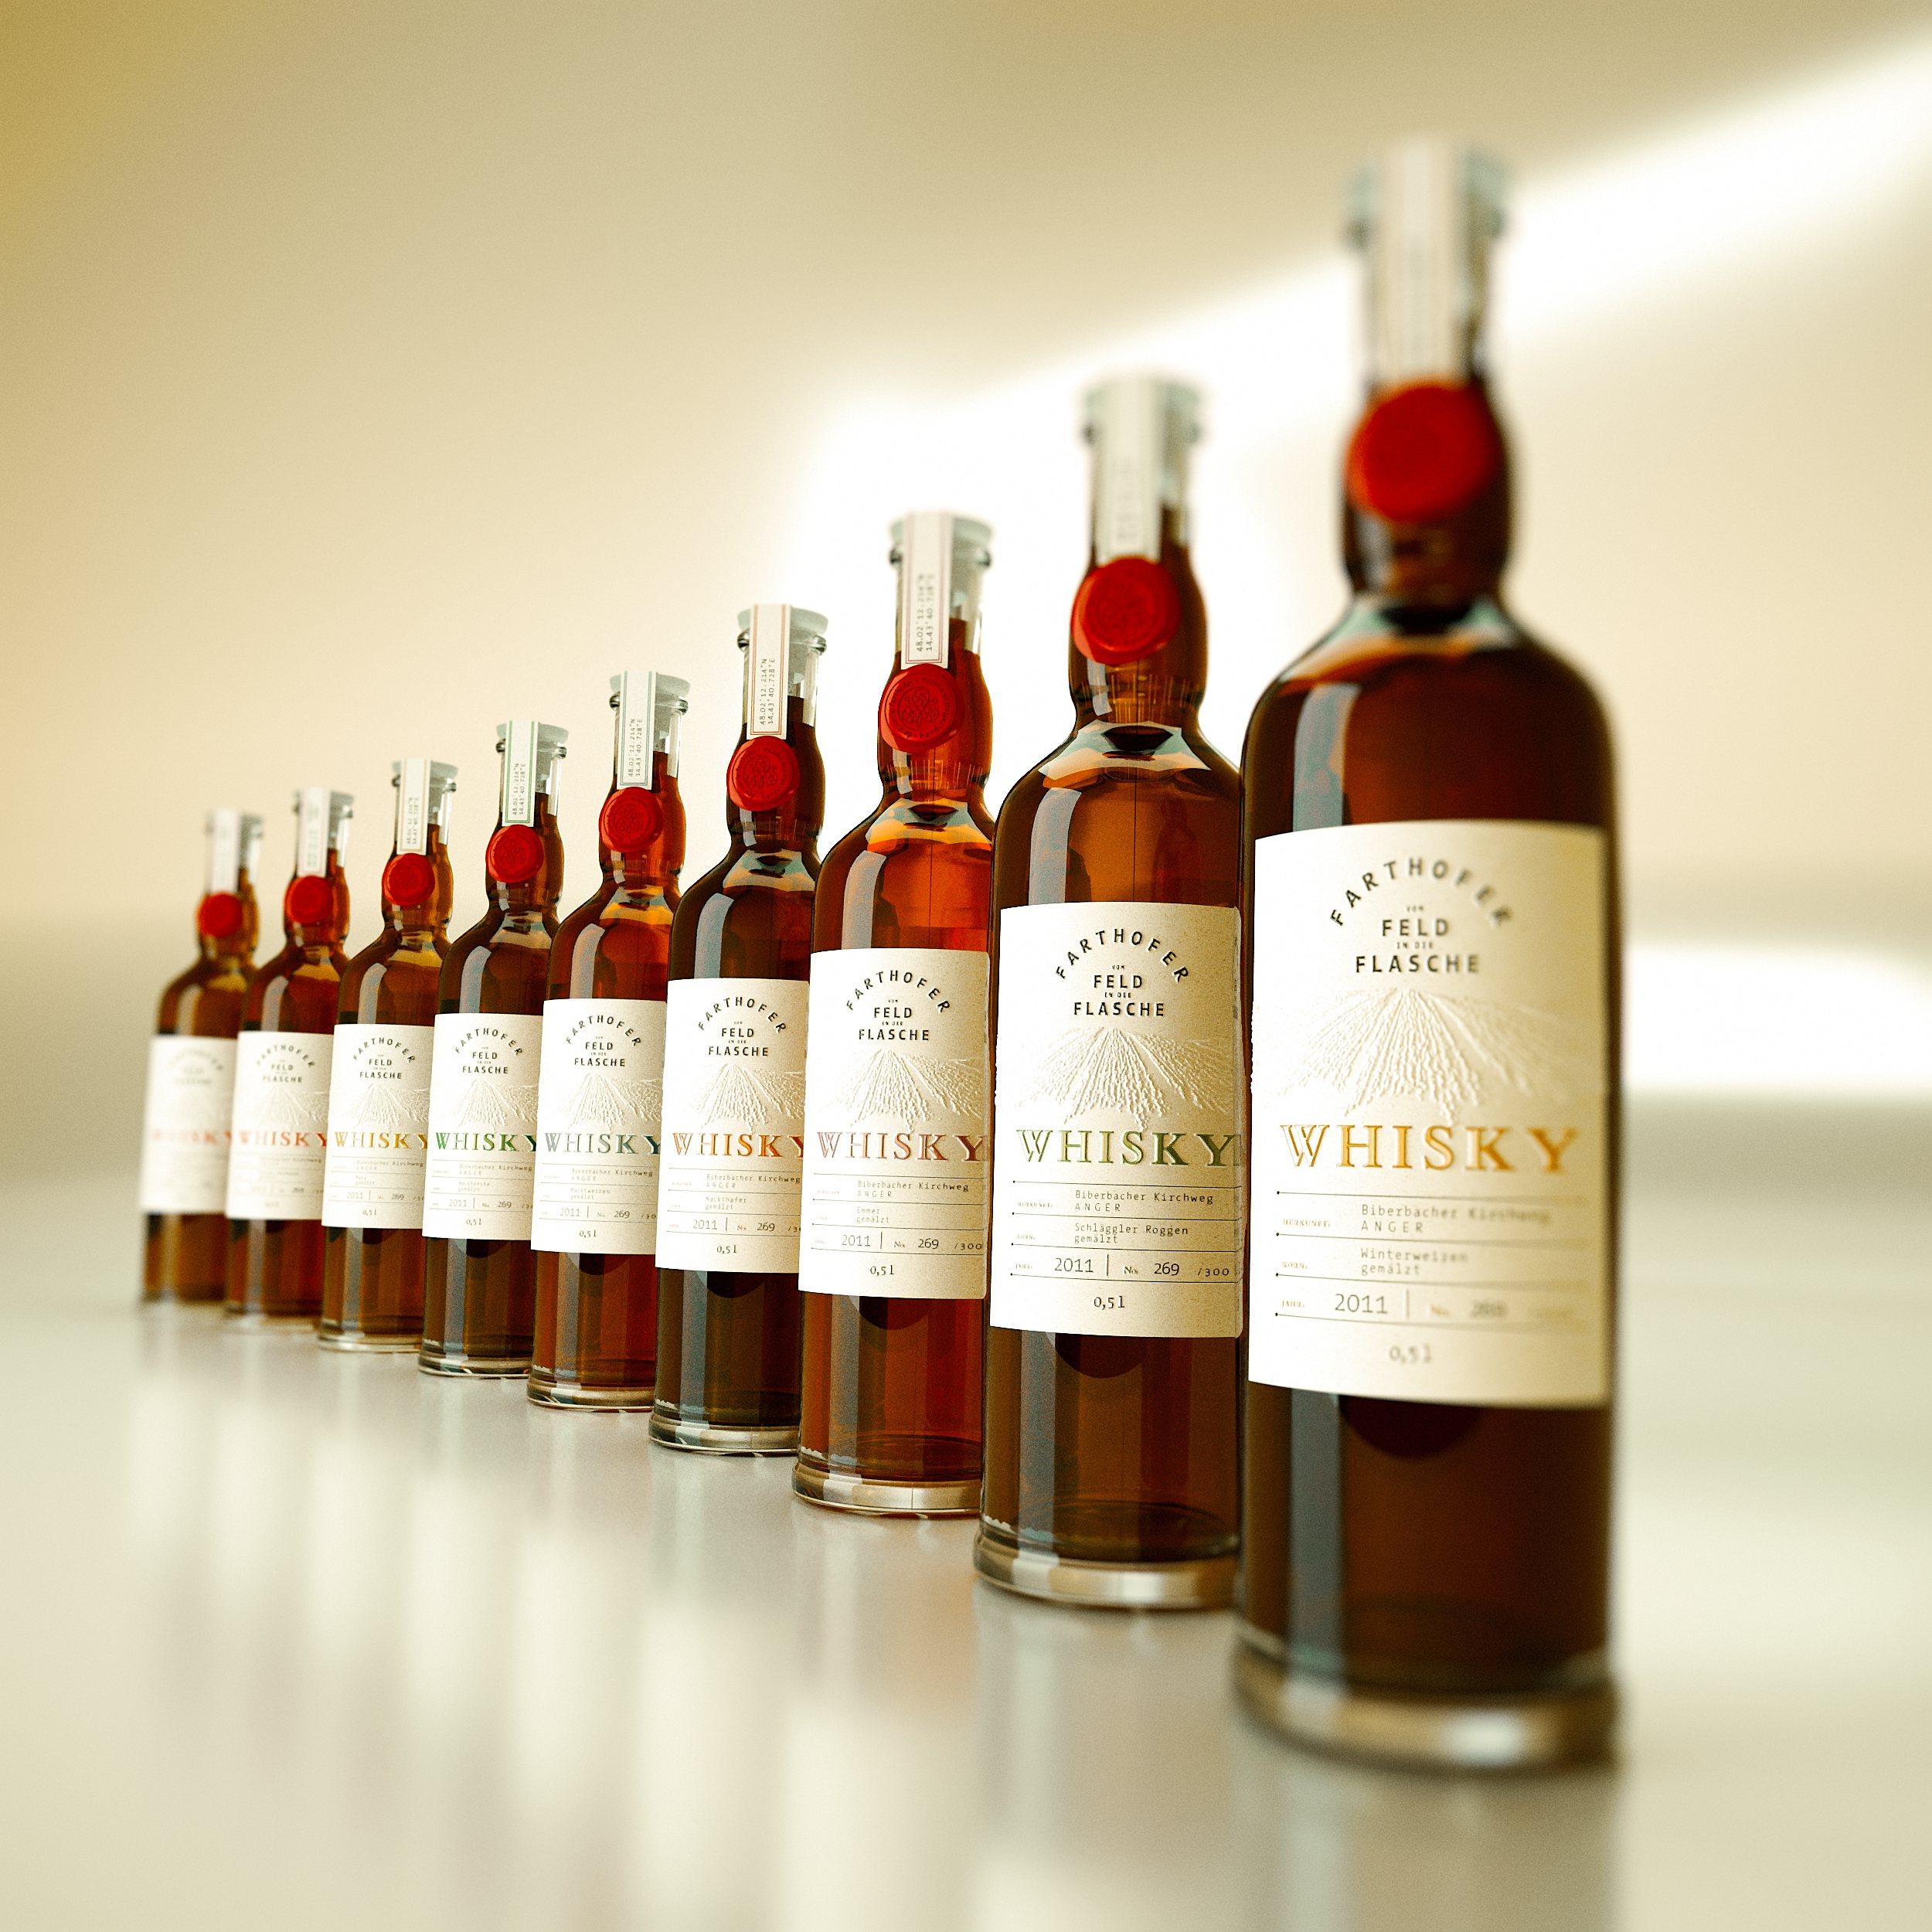 In 3 Jahren kommt ein ganz besonderer Whisky dazu